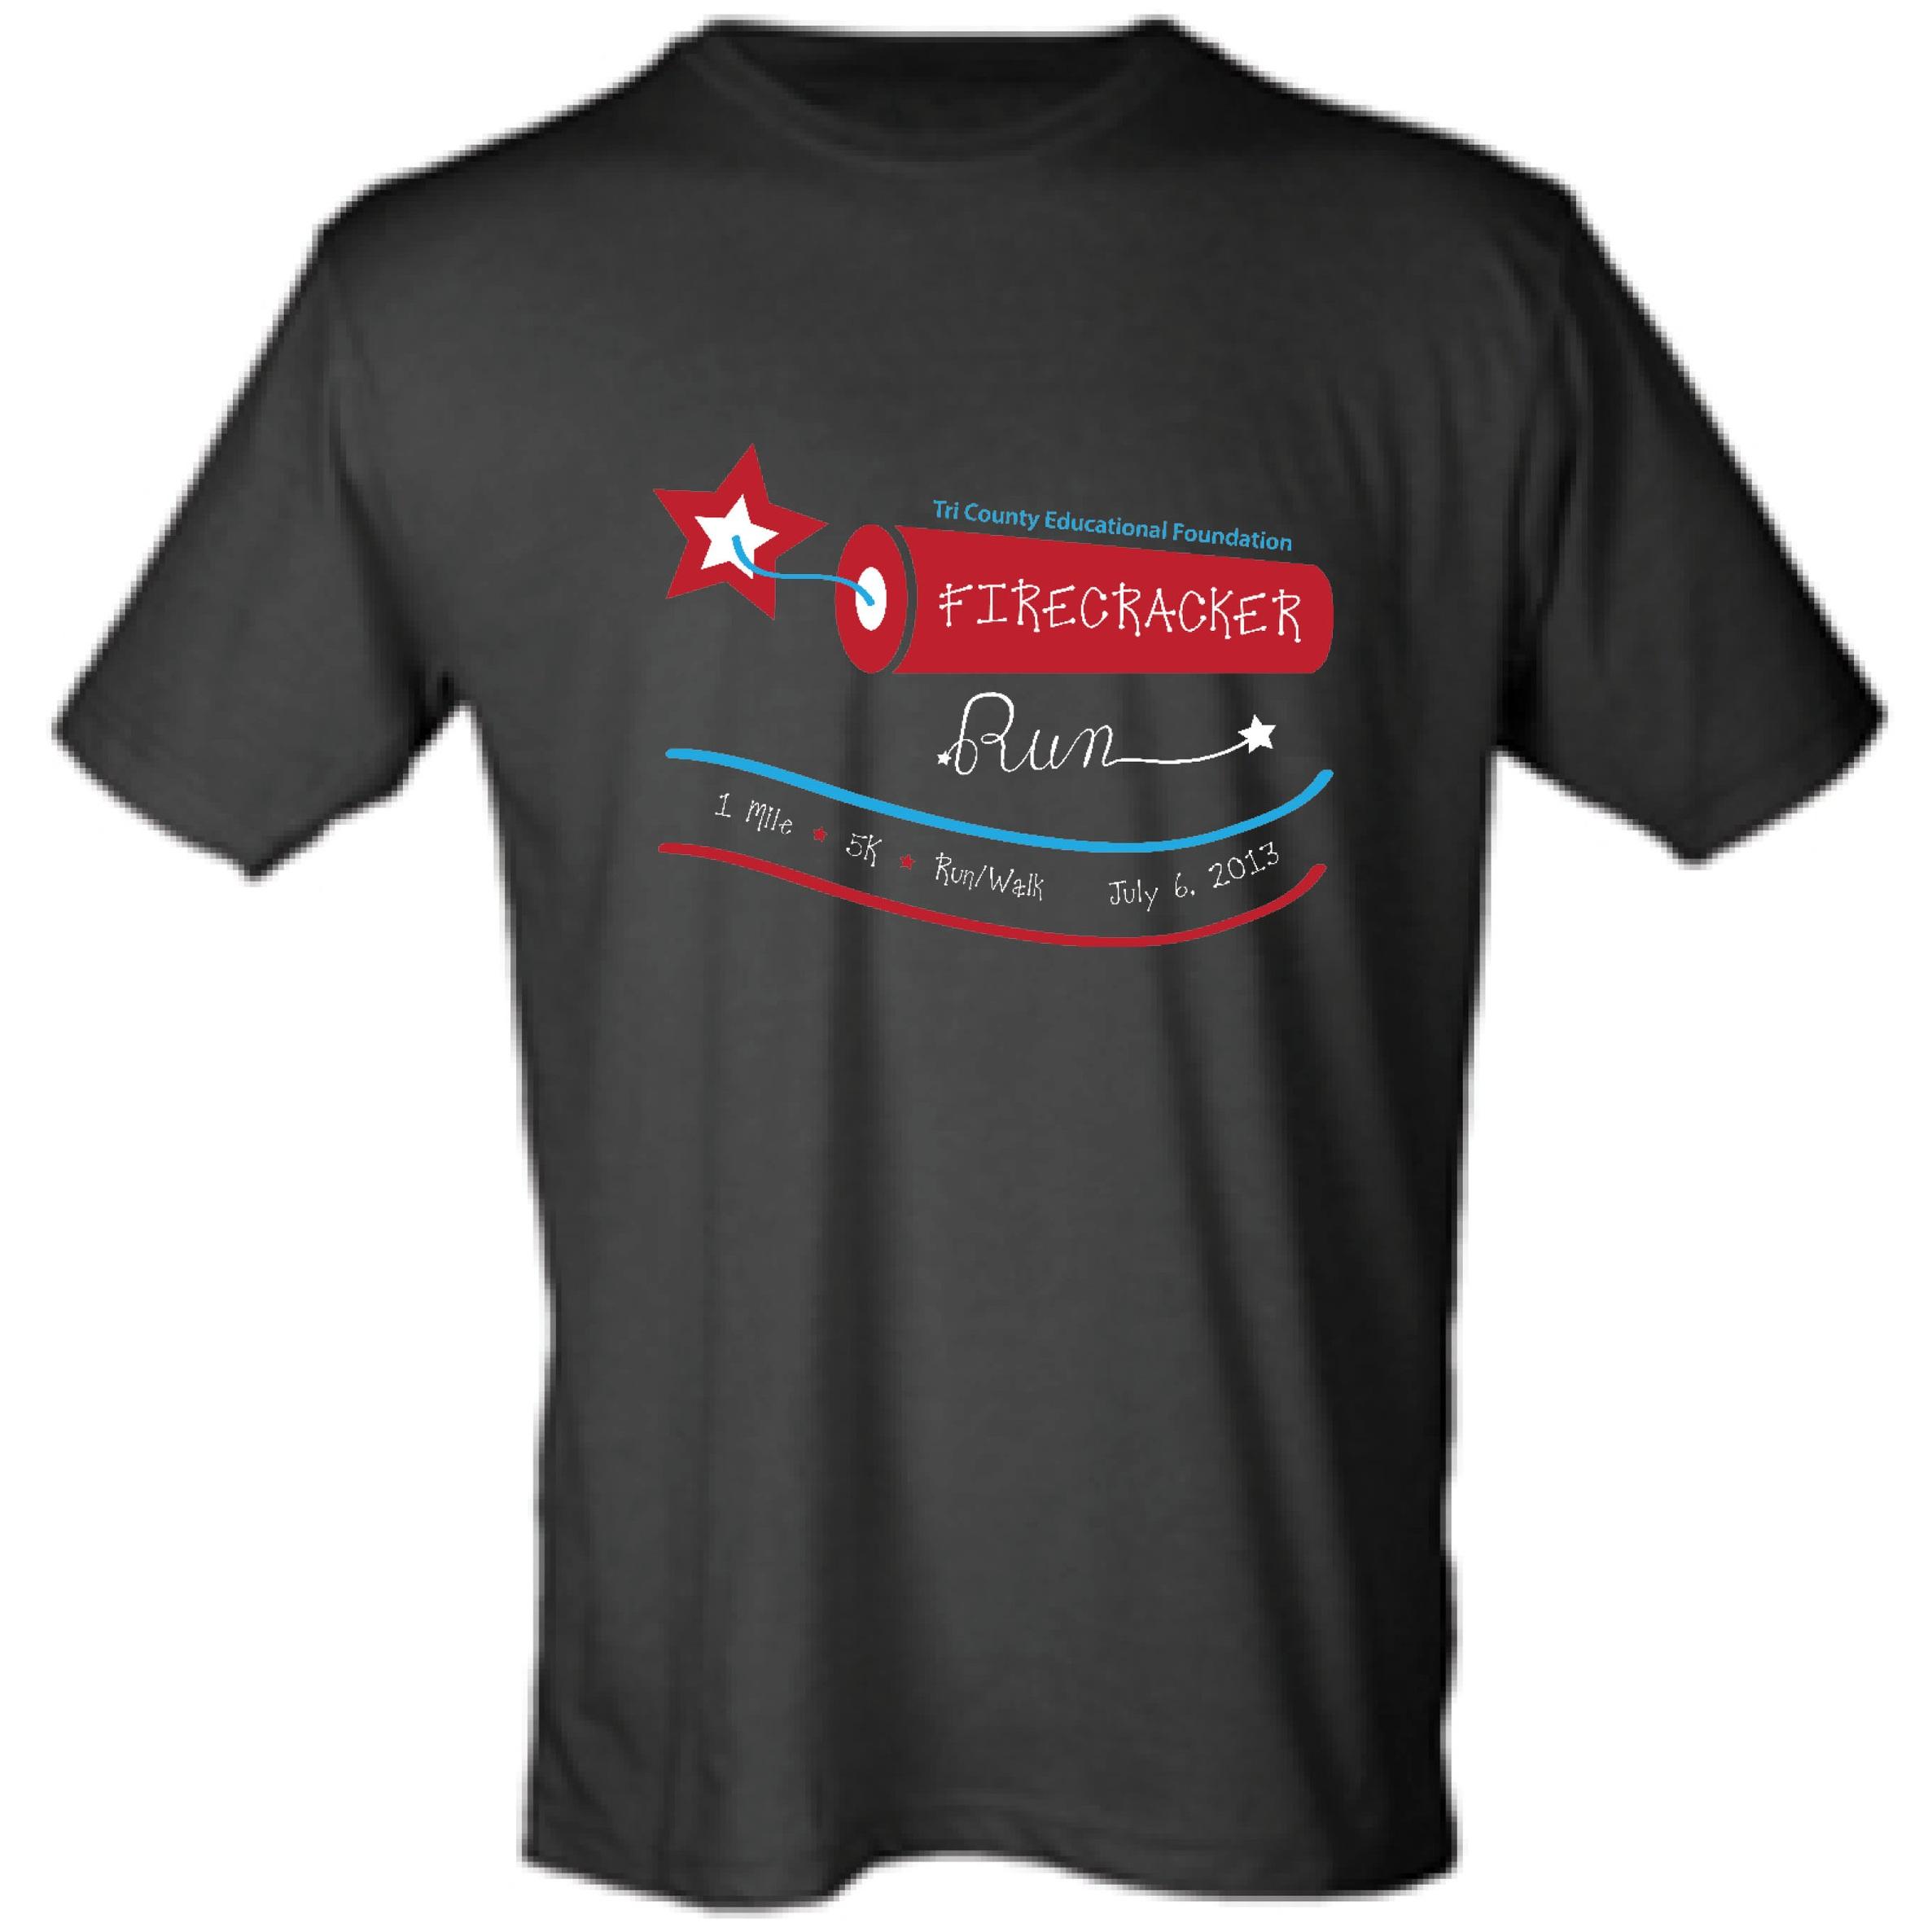 2013 Firecracker Run T-shirt